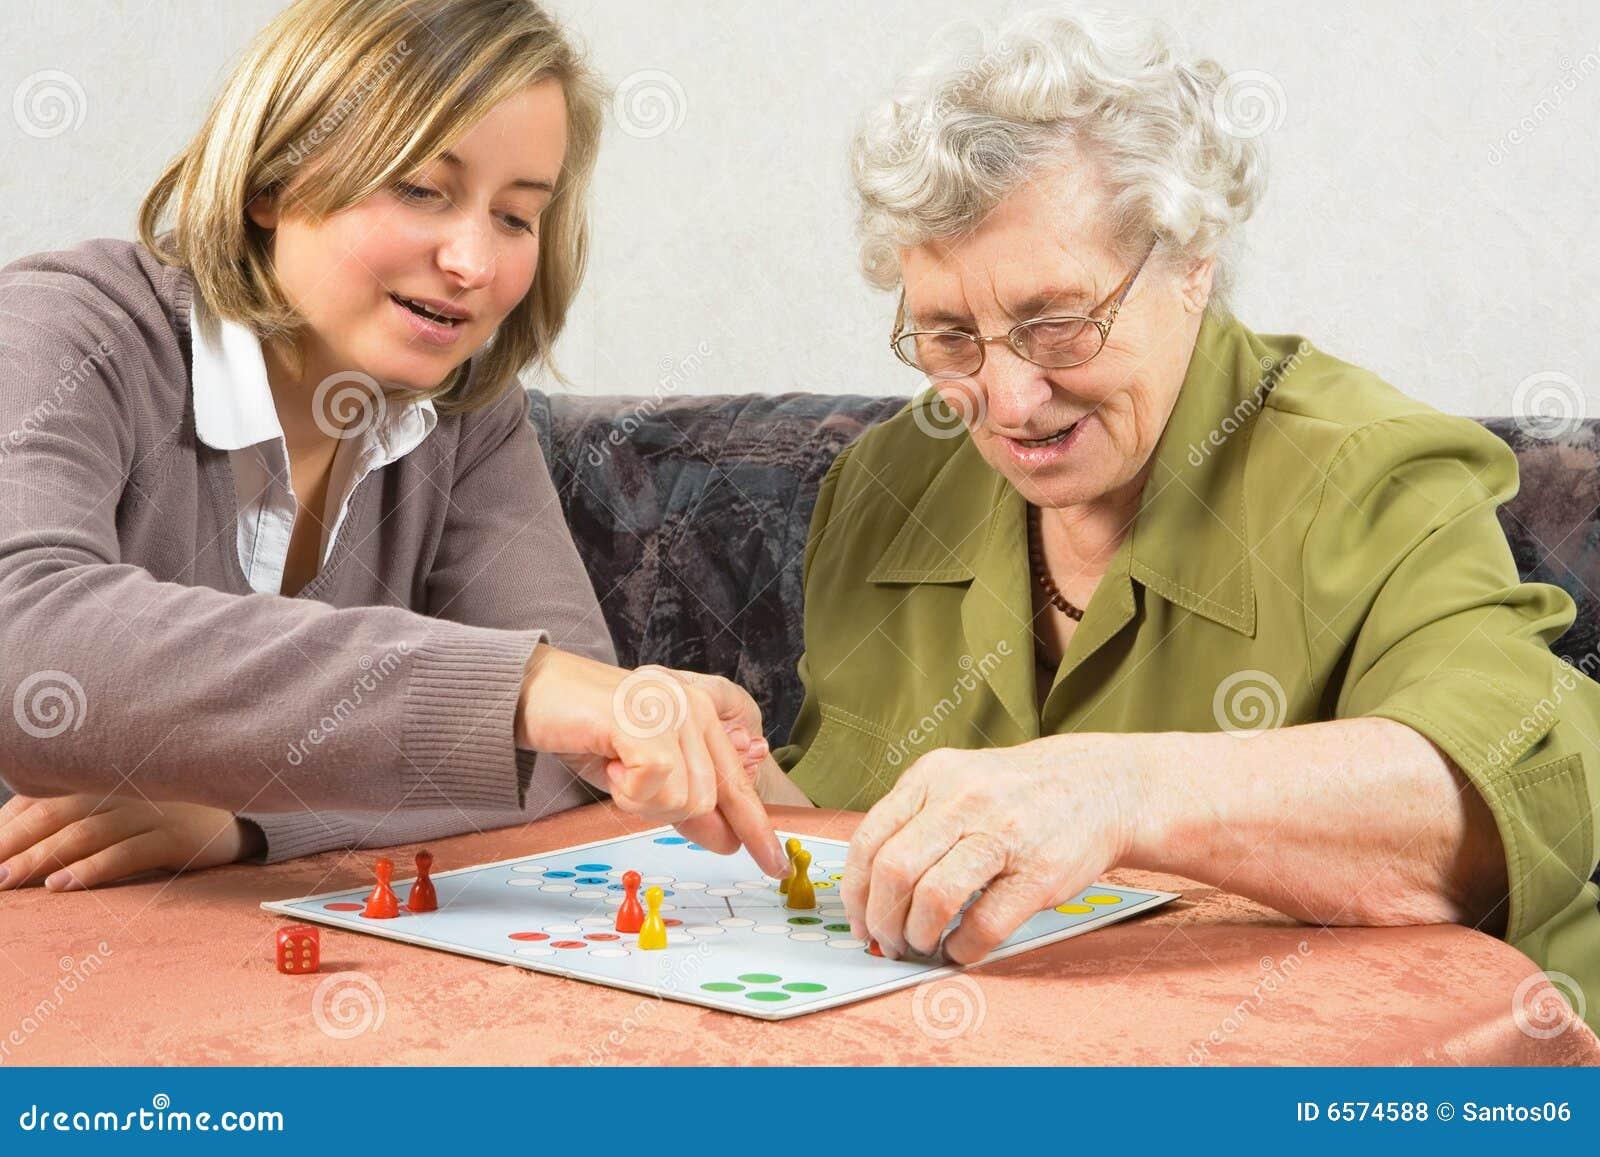 El Envejecimiento Es El Crecimiento Del Alma Juegos Ludicos Activan